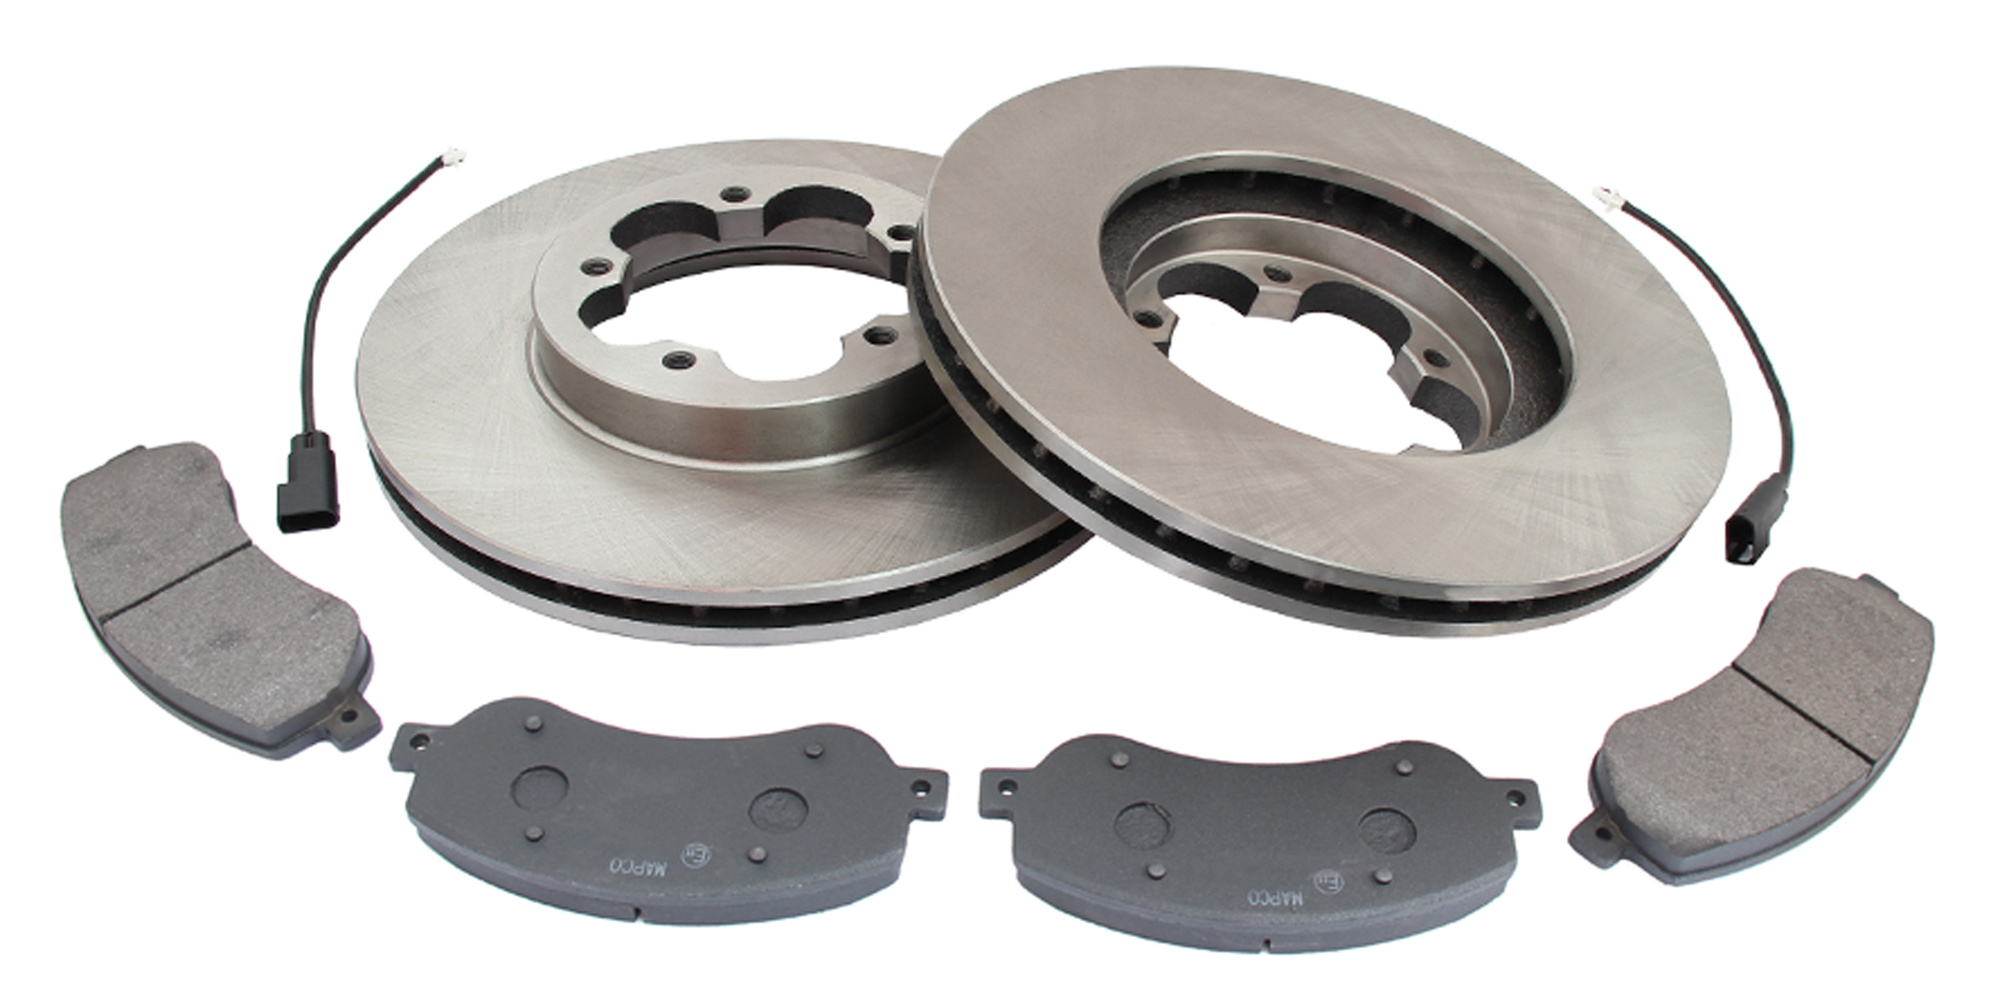 MAPCO 47667 Bremsensatz Bremsscheiben mit Bremsbelägen Vorderachse